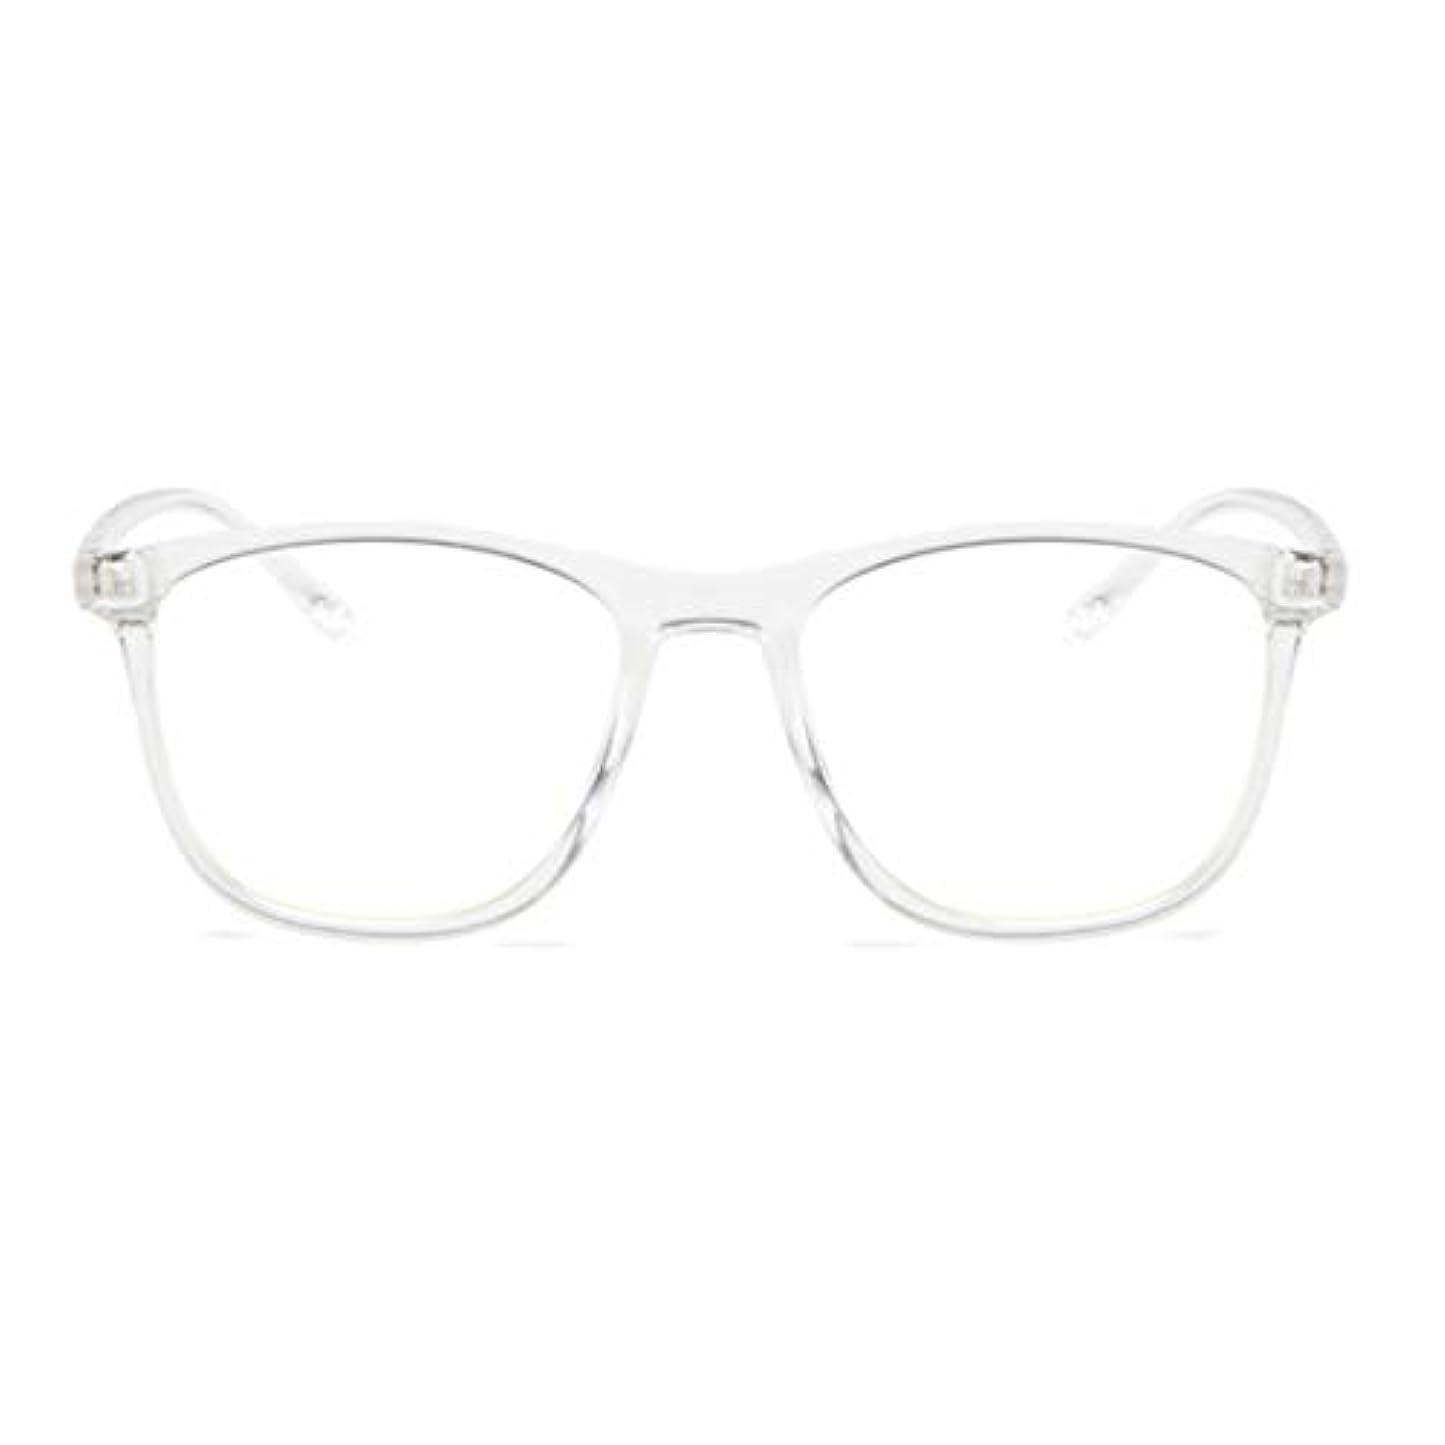 ランドマークヘルメットミルク韓国の学生のプレーンメガネ男性と女性のファッションメガネフレーム近視メガネフレームファッショナブルなシンプルなメガネ-透明ホワイト